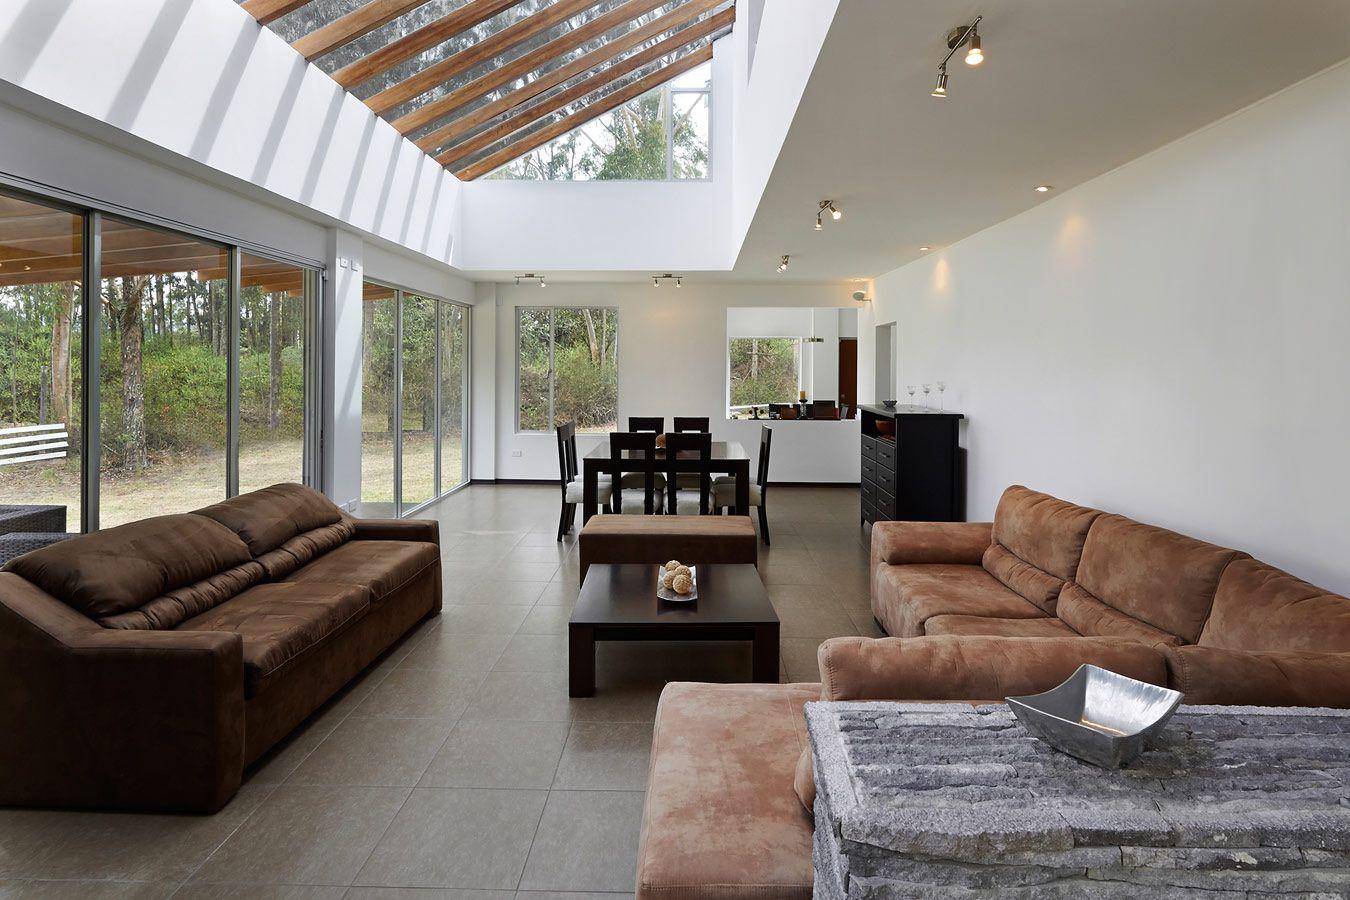 Aanbouw in houtskelet - balken nog zichtbaar - interiors | Pinterest ...